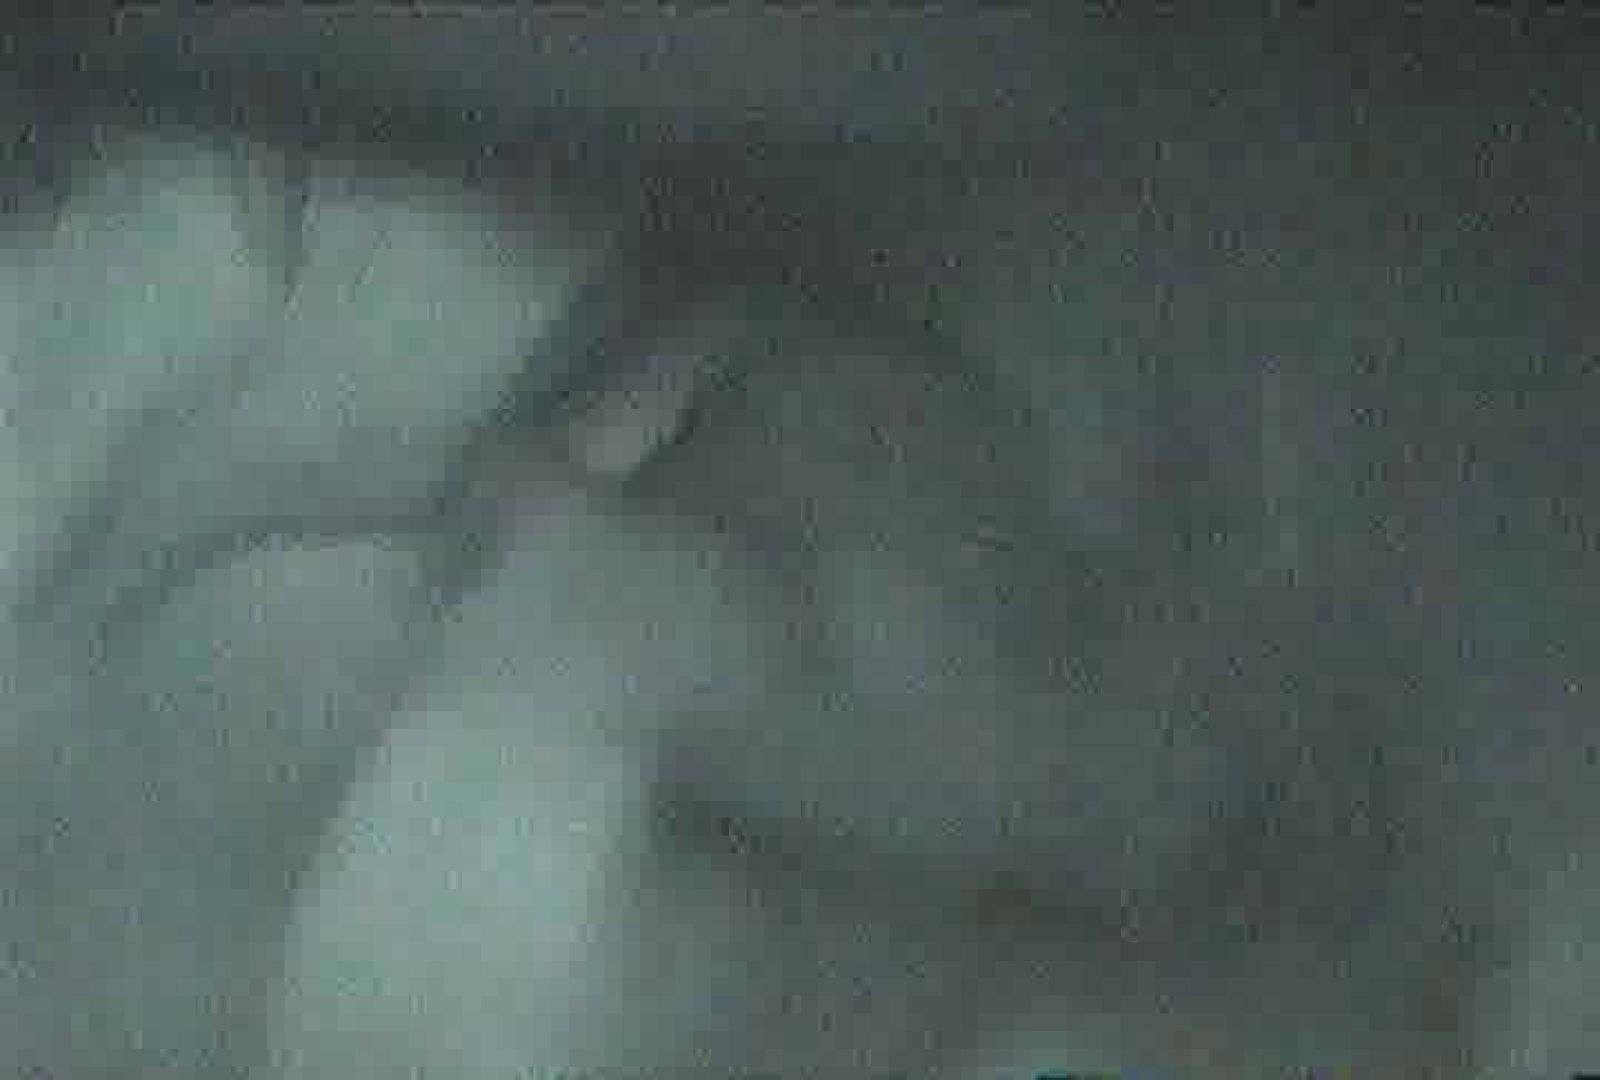 充血監督の深夜の運動会Vol.82 OLセックス | お姉さんヌード  108画像 3